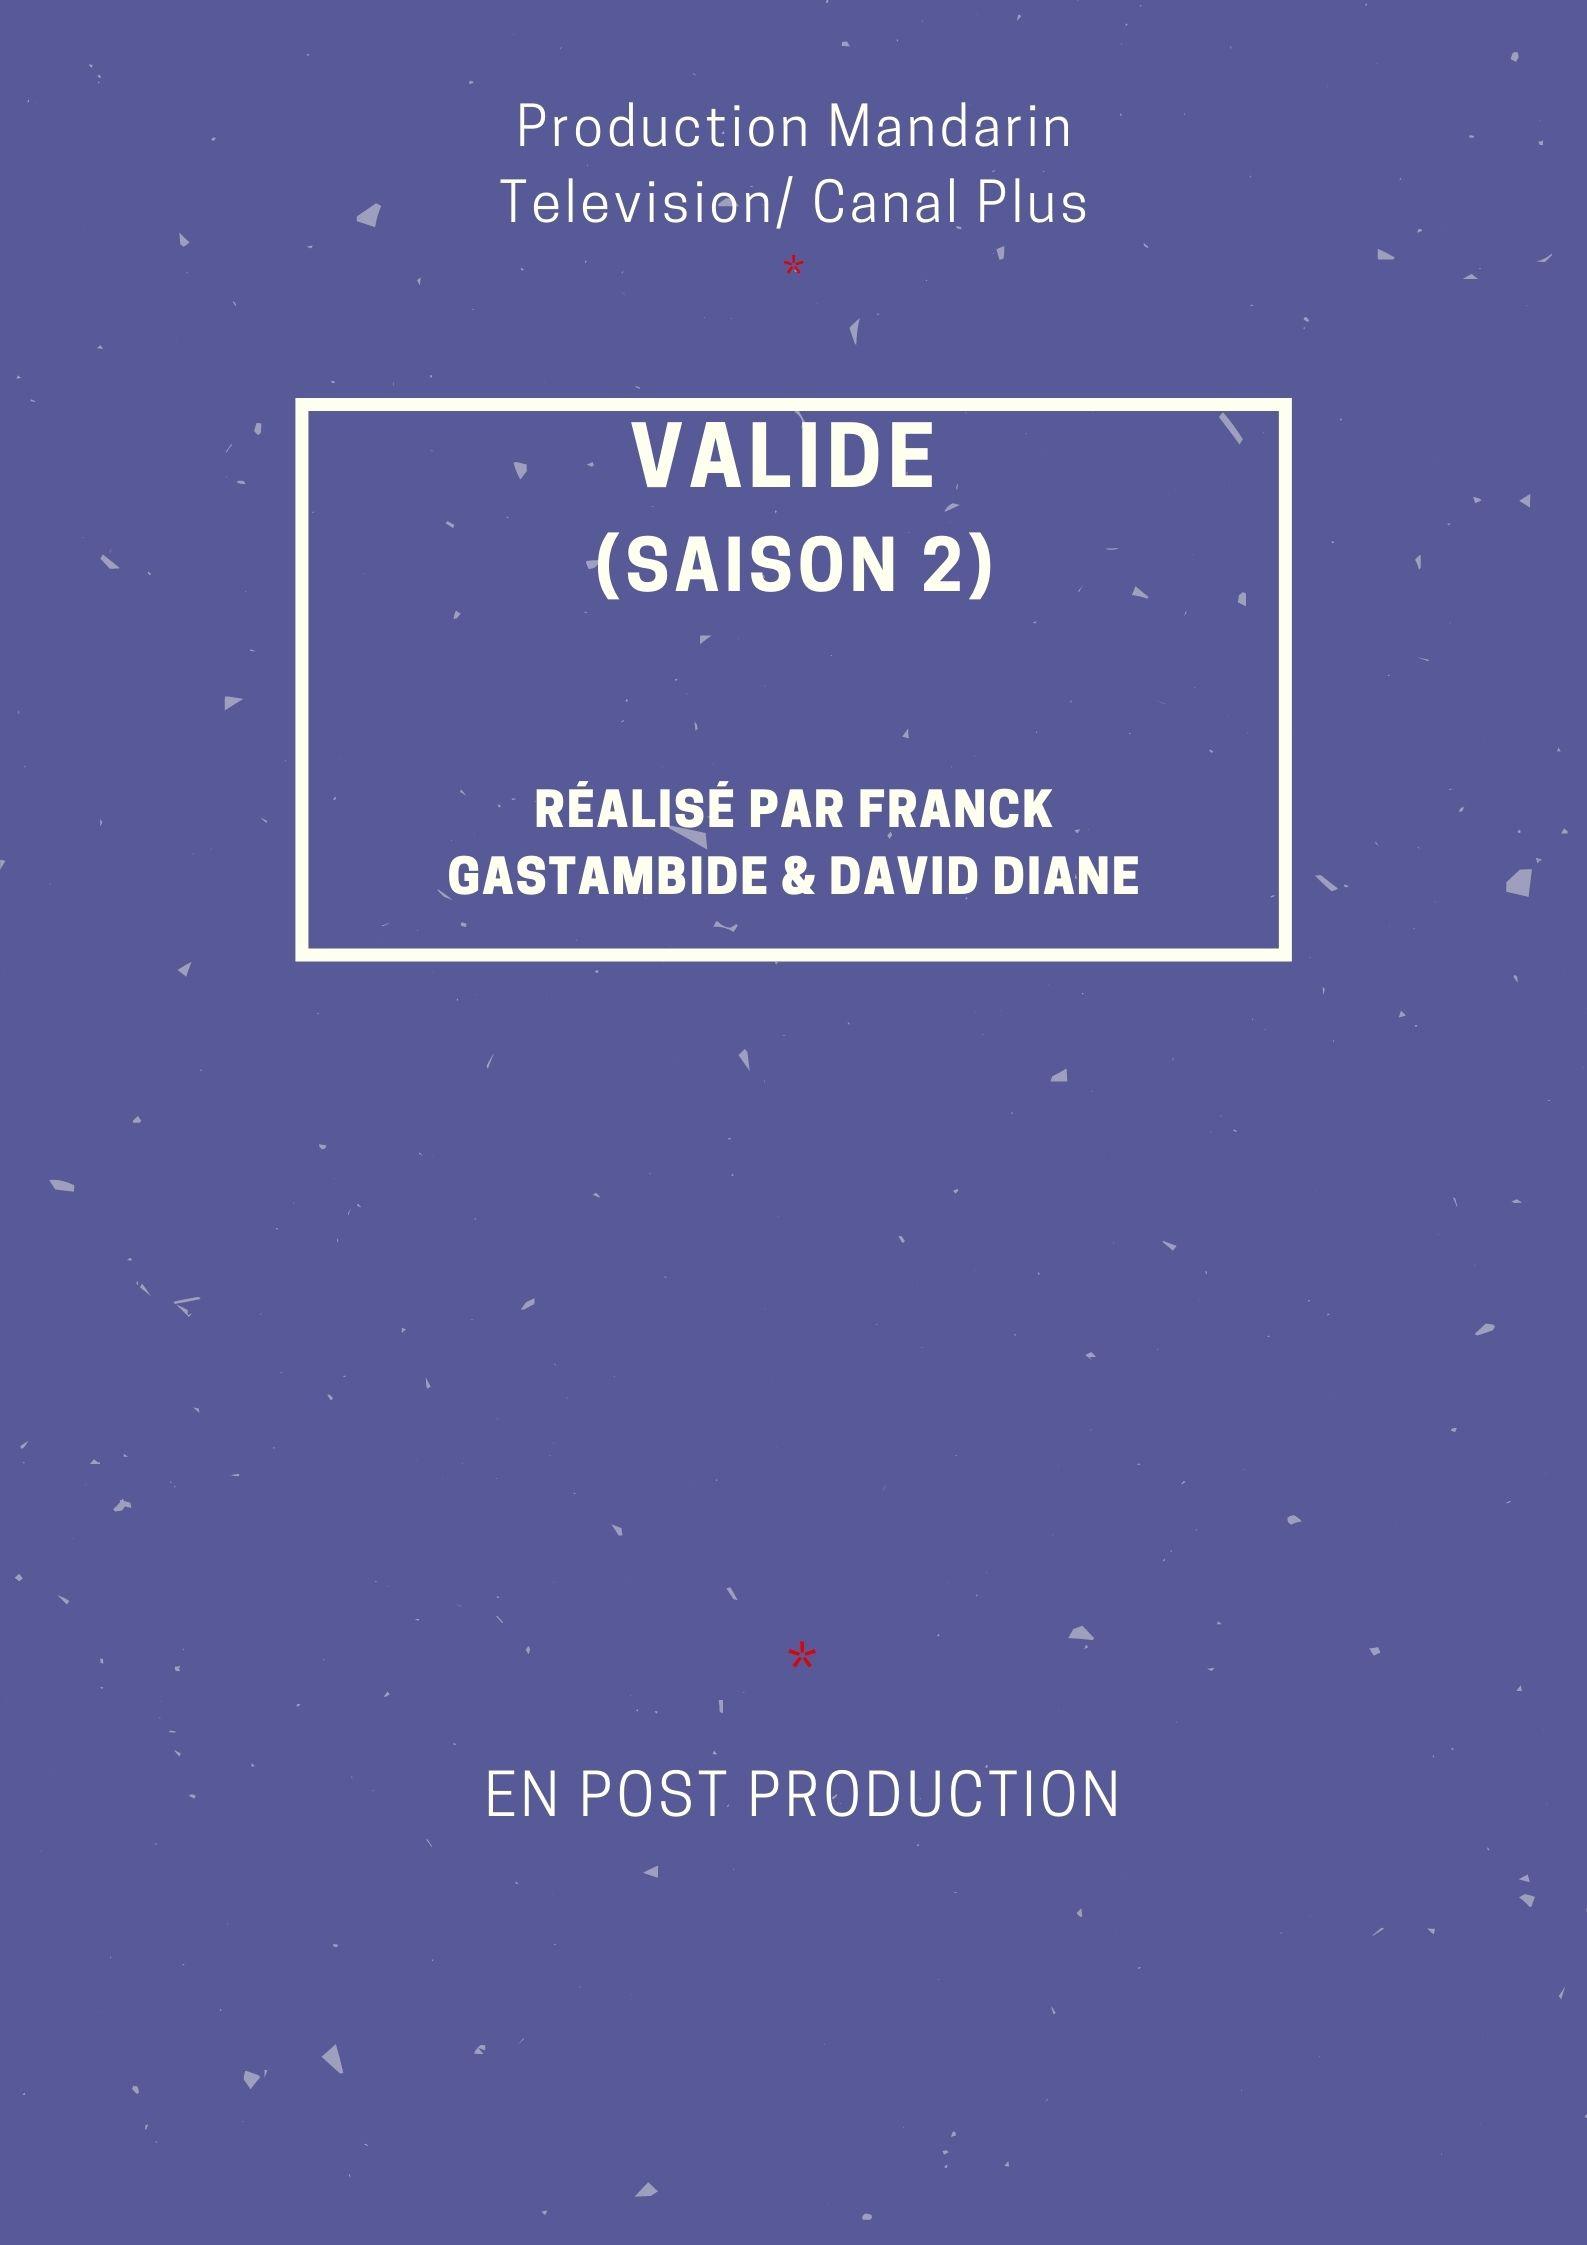 VALIDE SAISON 2